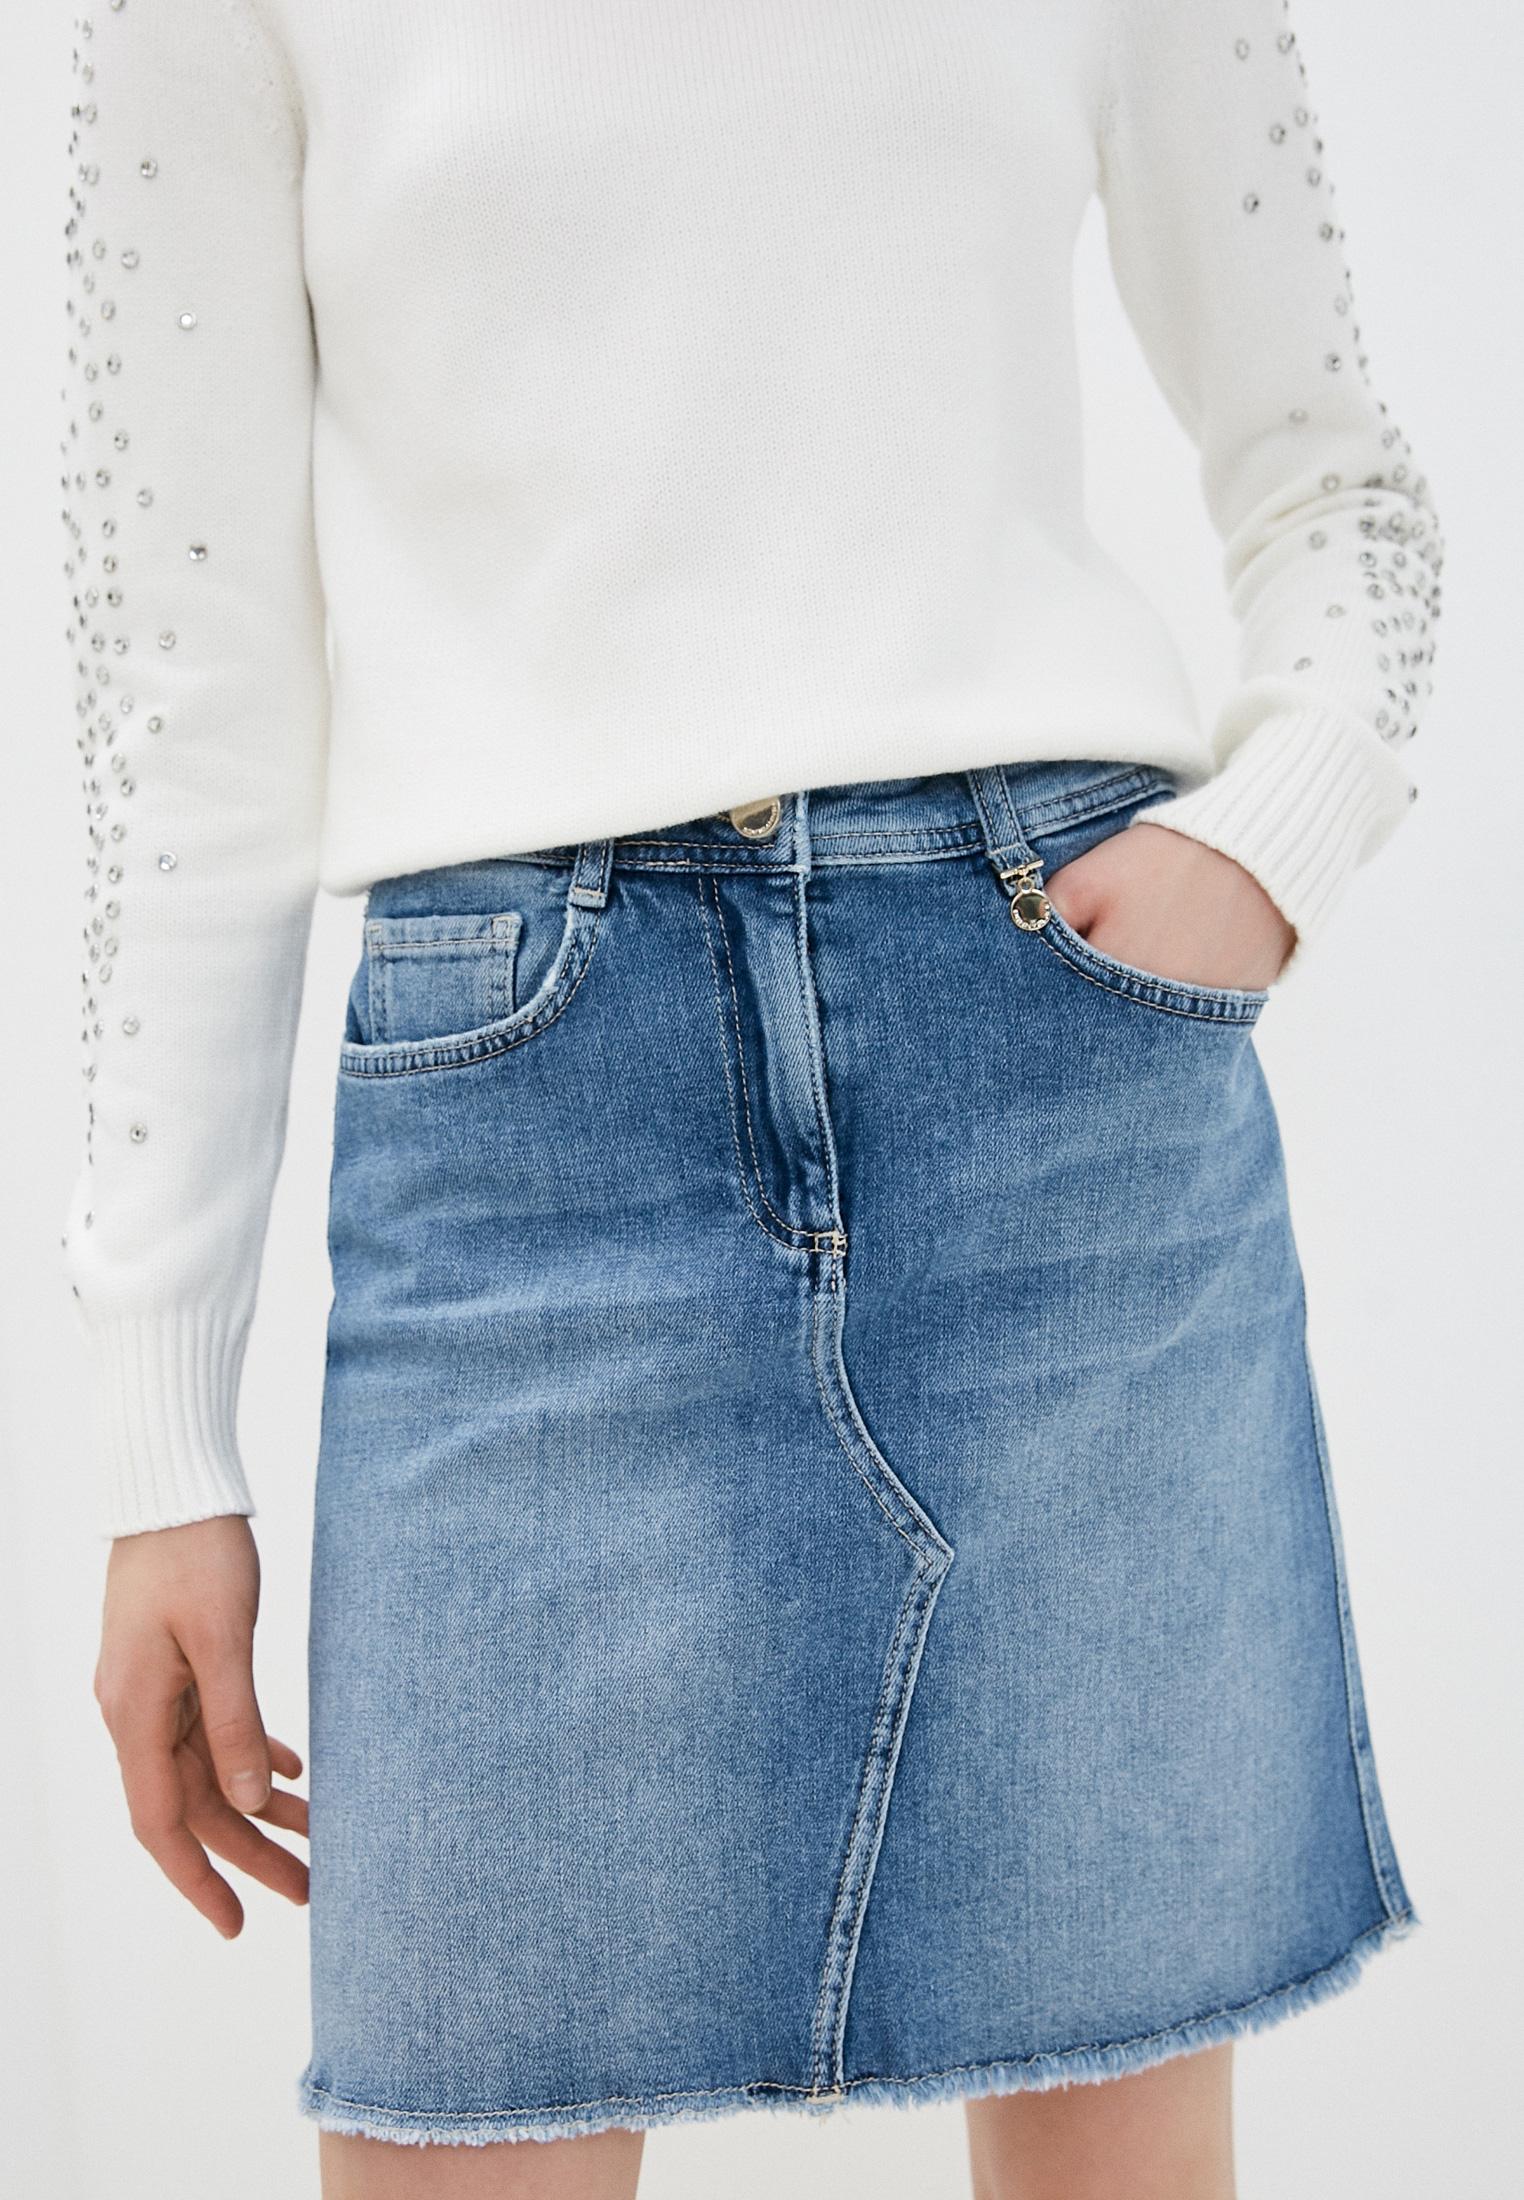 Джинсовая юбка Pennyblack (Пенни Блэк) Юбка джинсовая Pennyblack